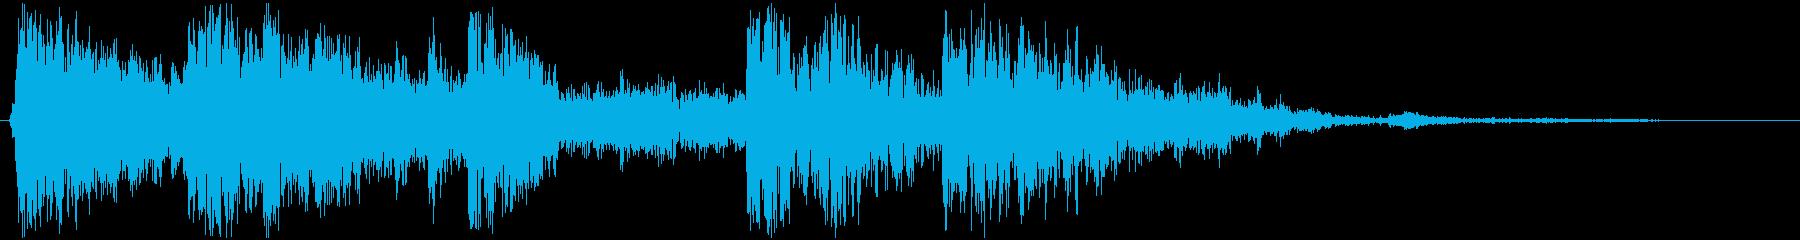 ロックとロールの衝突の再生済みの波形